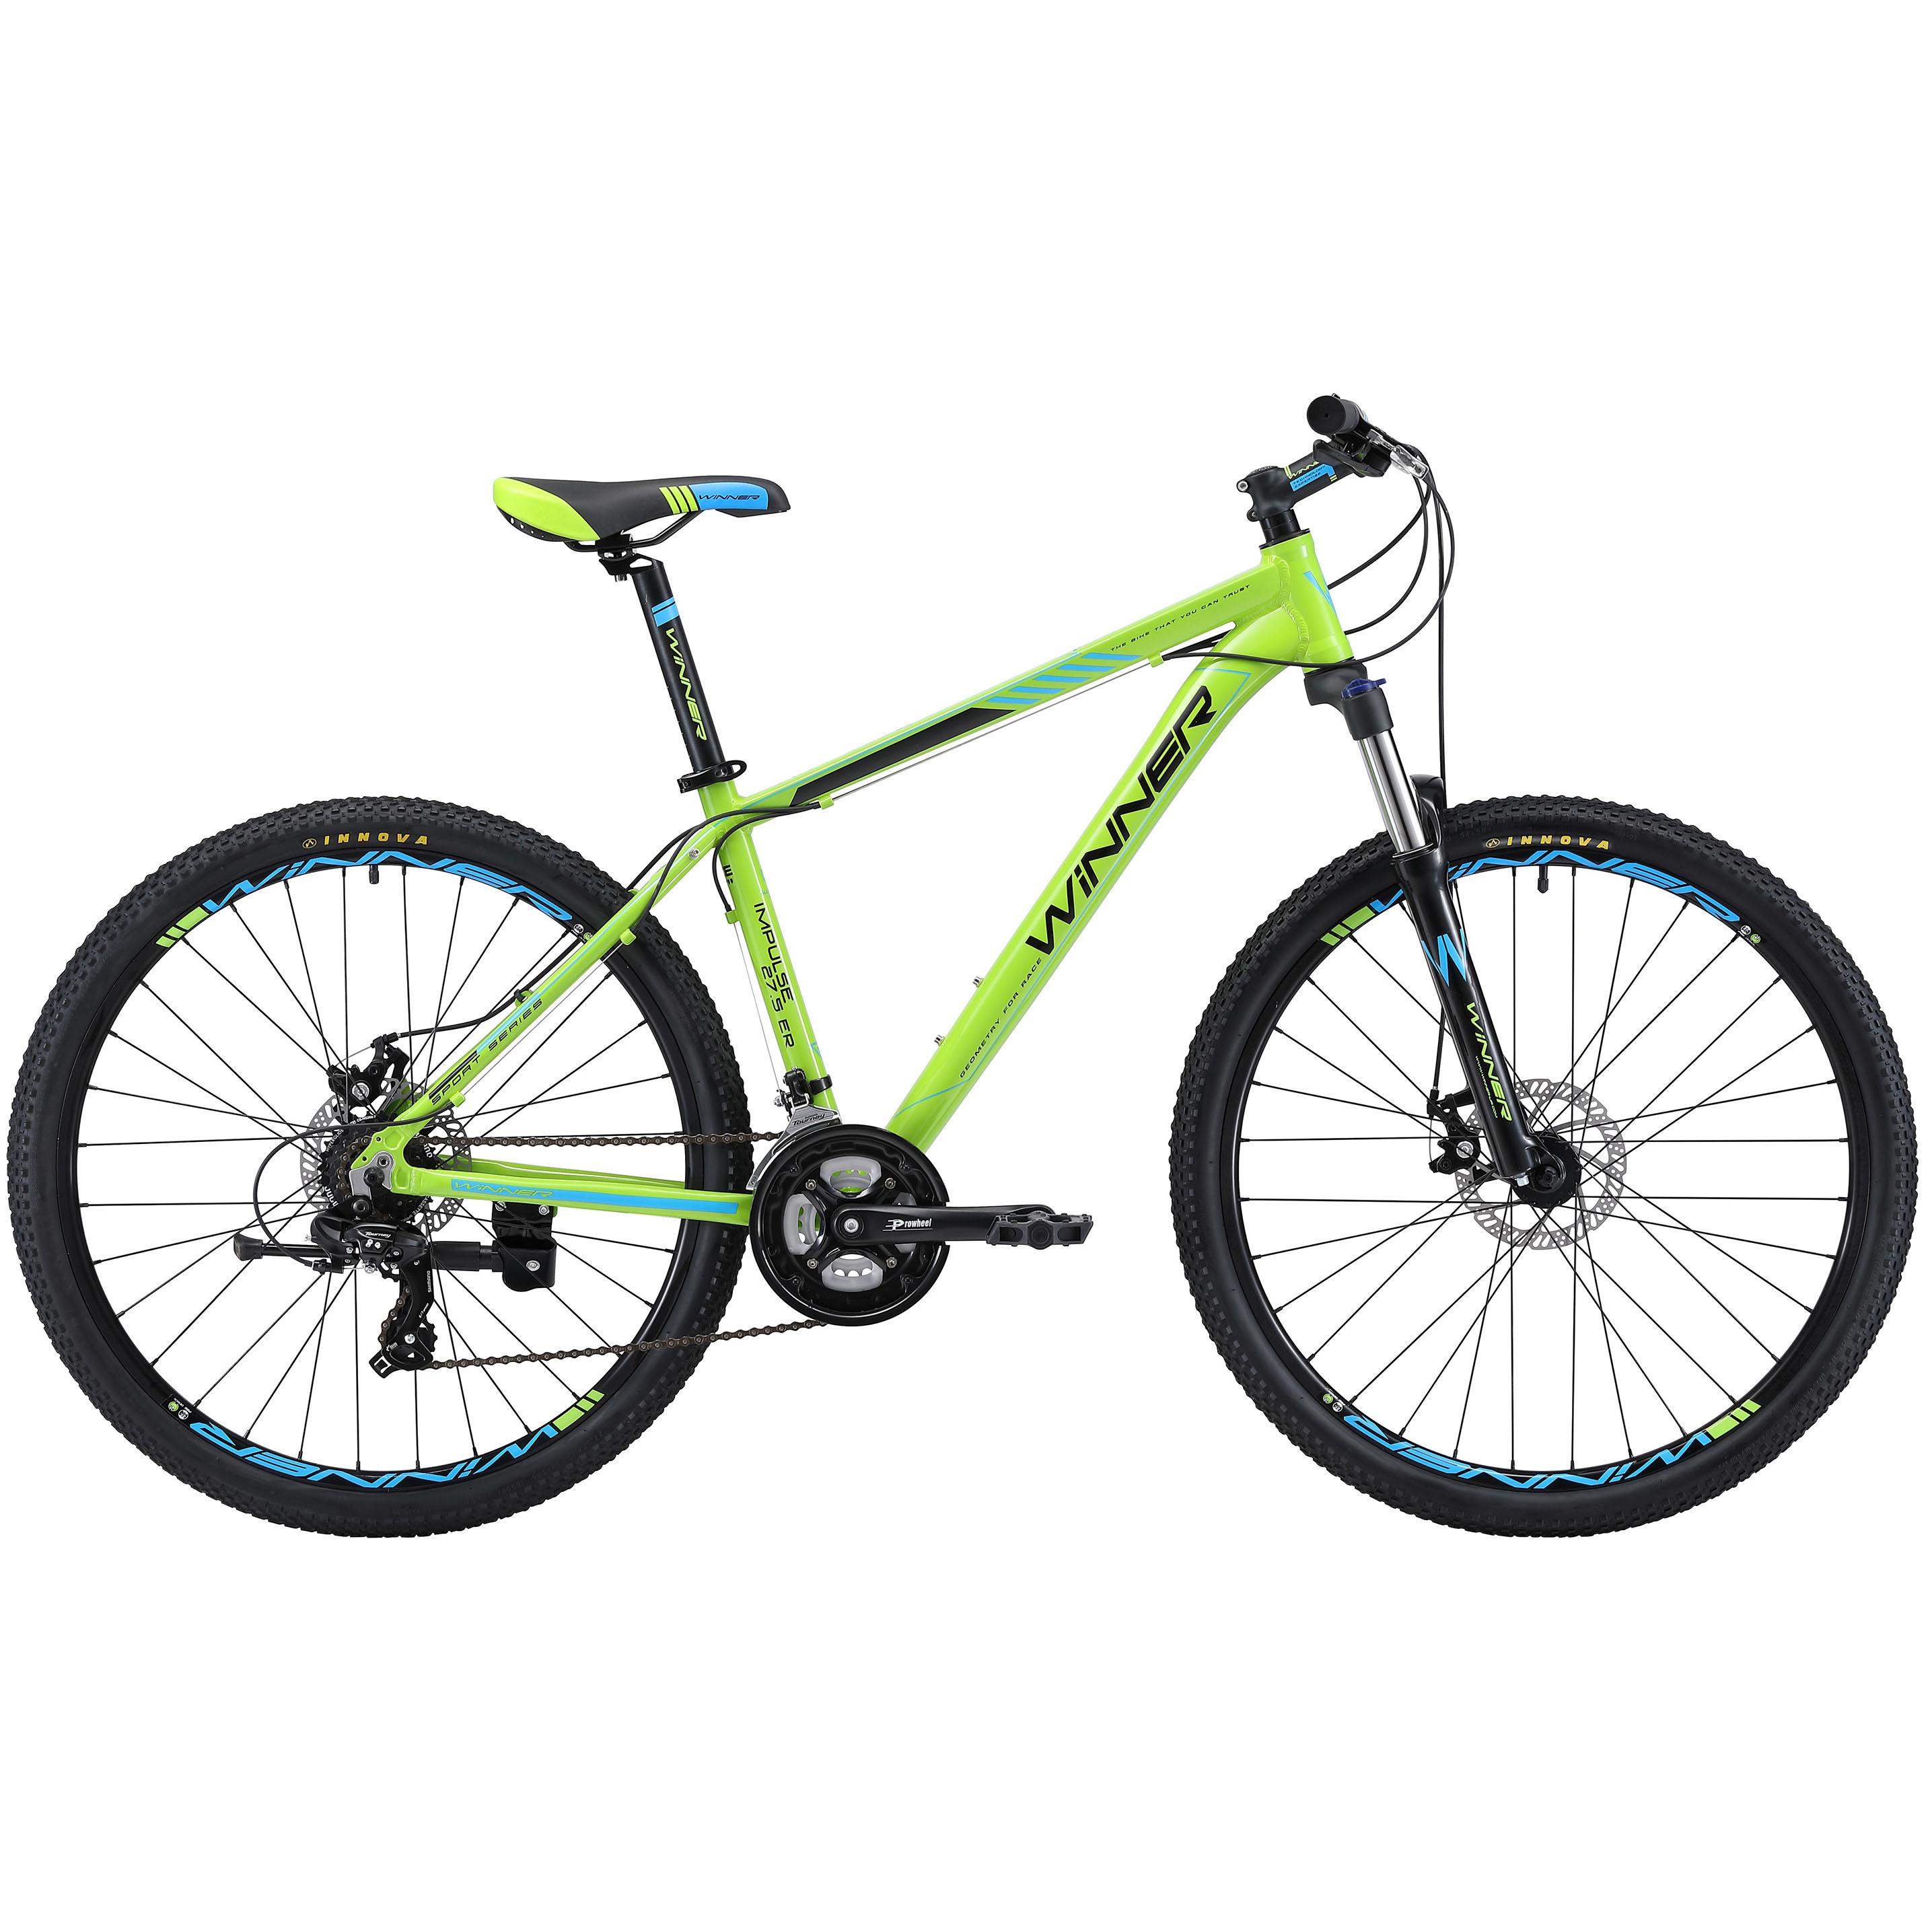 Фото Горный Велосипед Winner 27,5″ IMPULSE  19″ (зеленый)